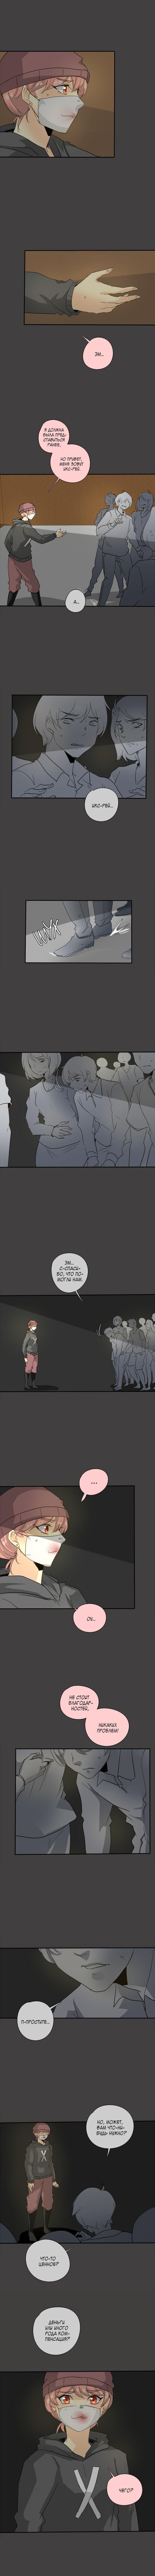 Манга неОРДИНАРНЫЕ / unORDINARY  - Том 1 Глава 104 Страница 7